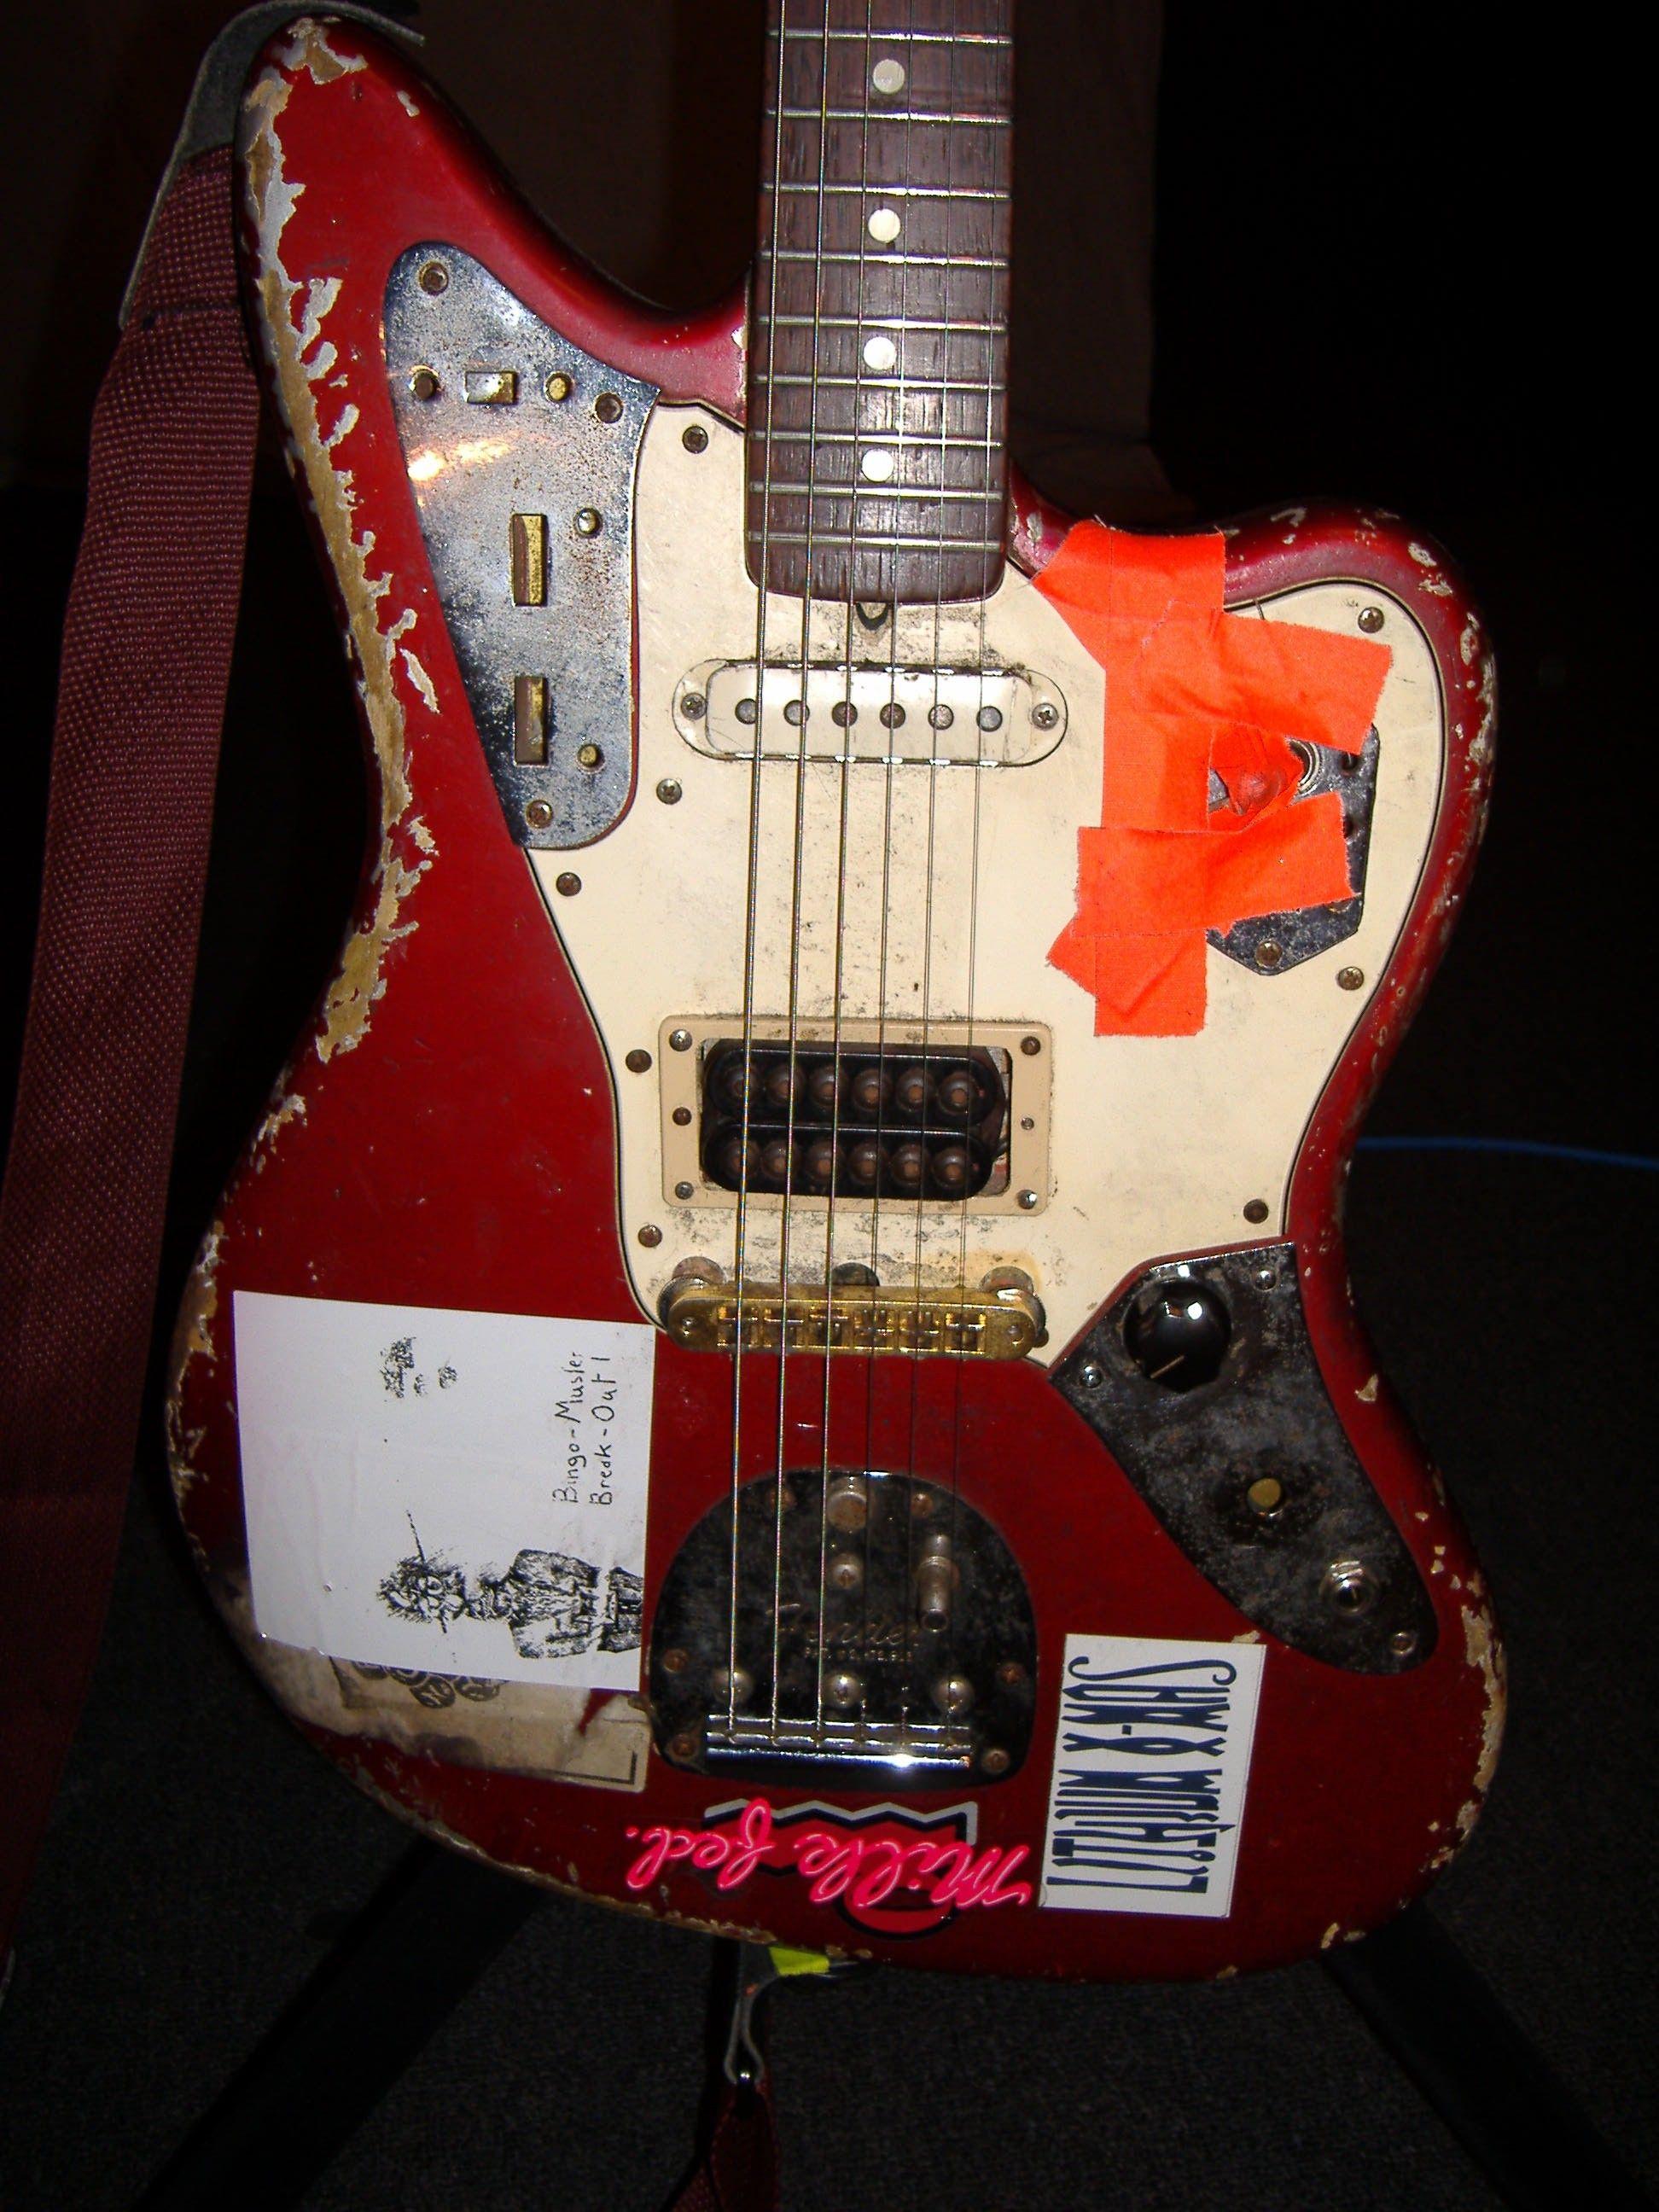 Fender Jaguar, modded and trashed | Guitars & Amps | Pinterest ...